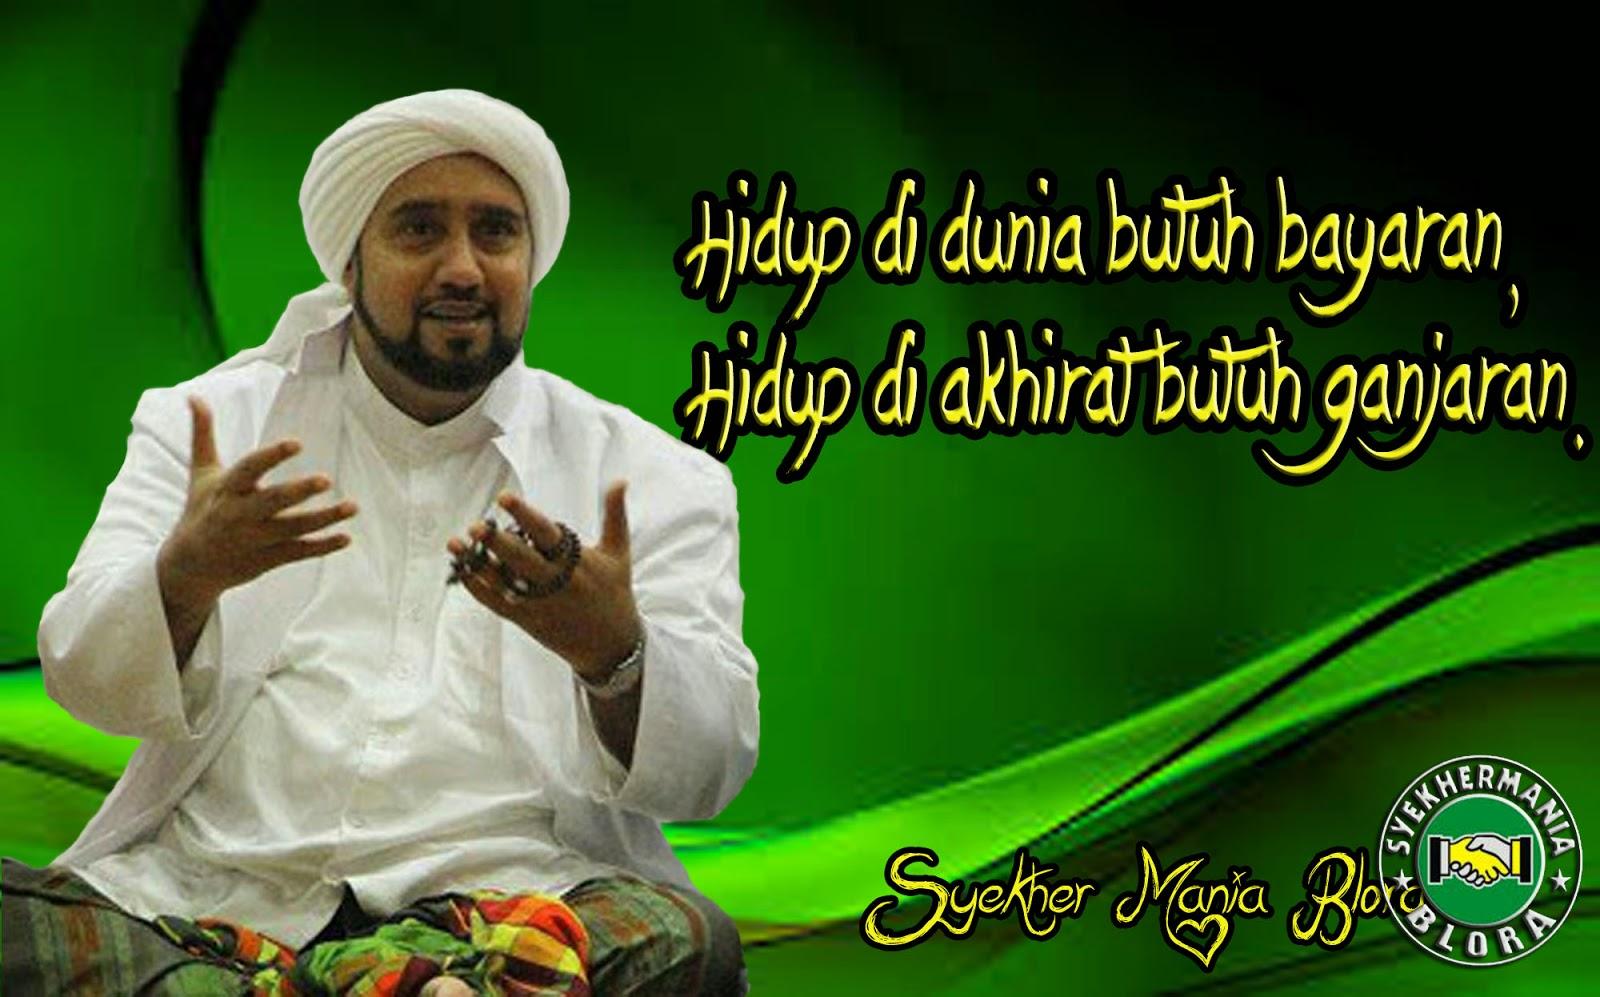 Nasehat Hidup Dari Habib Syech Bin Abdul Qodir Assegaf Meme Comic